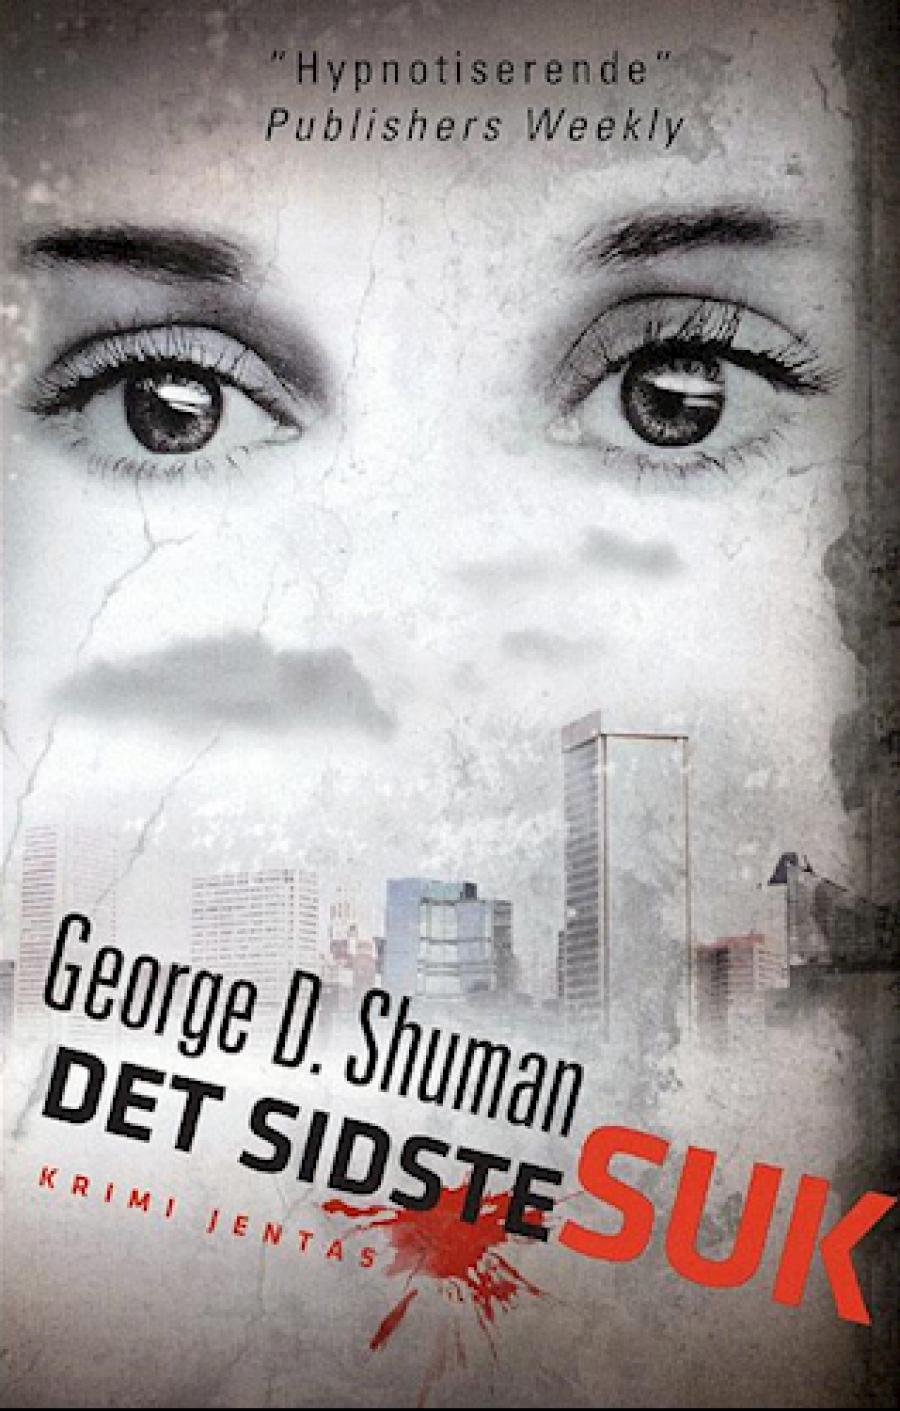 Det sidste suk af George D. Shuman